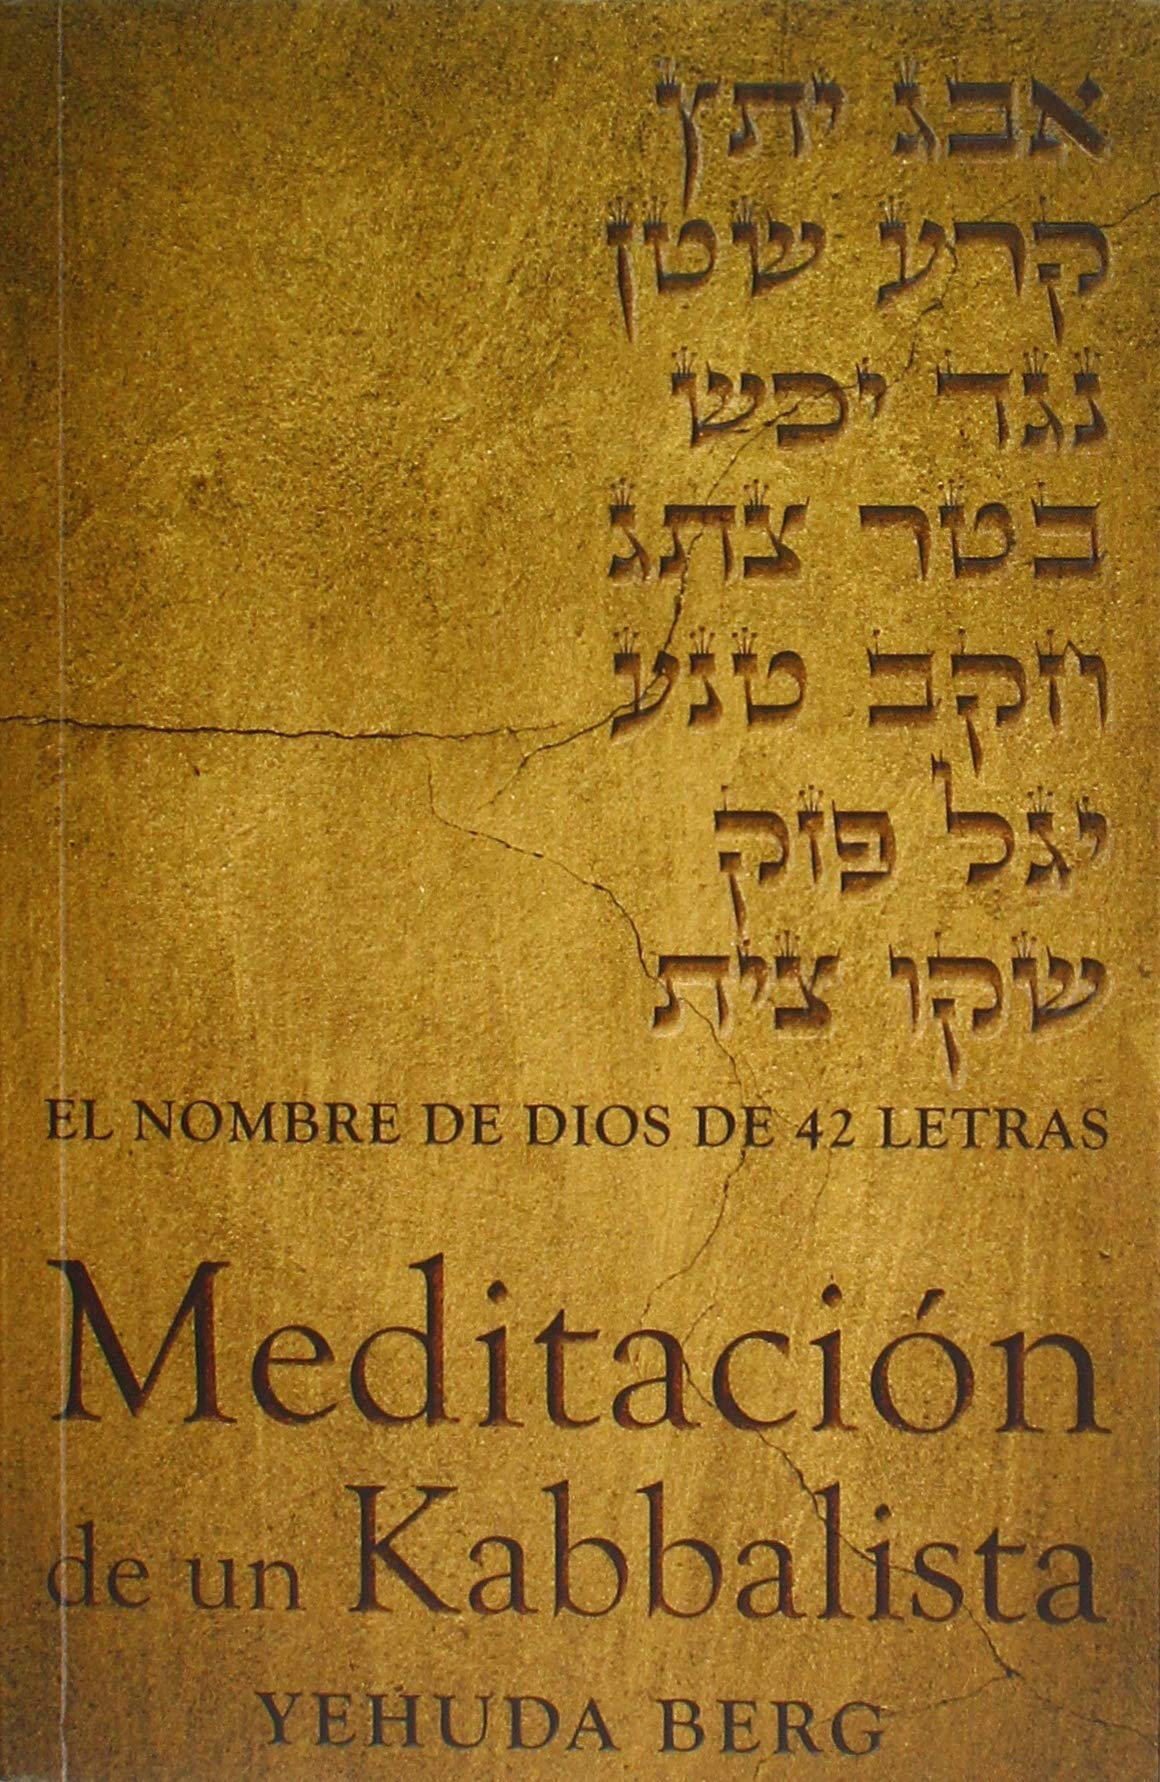 Meditacion de un kabbalista